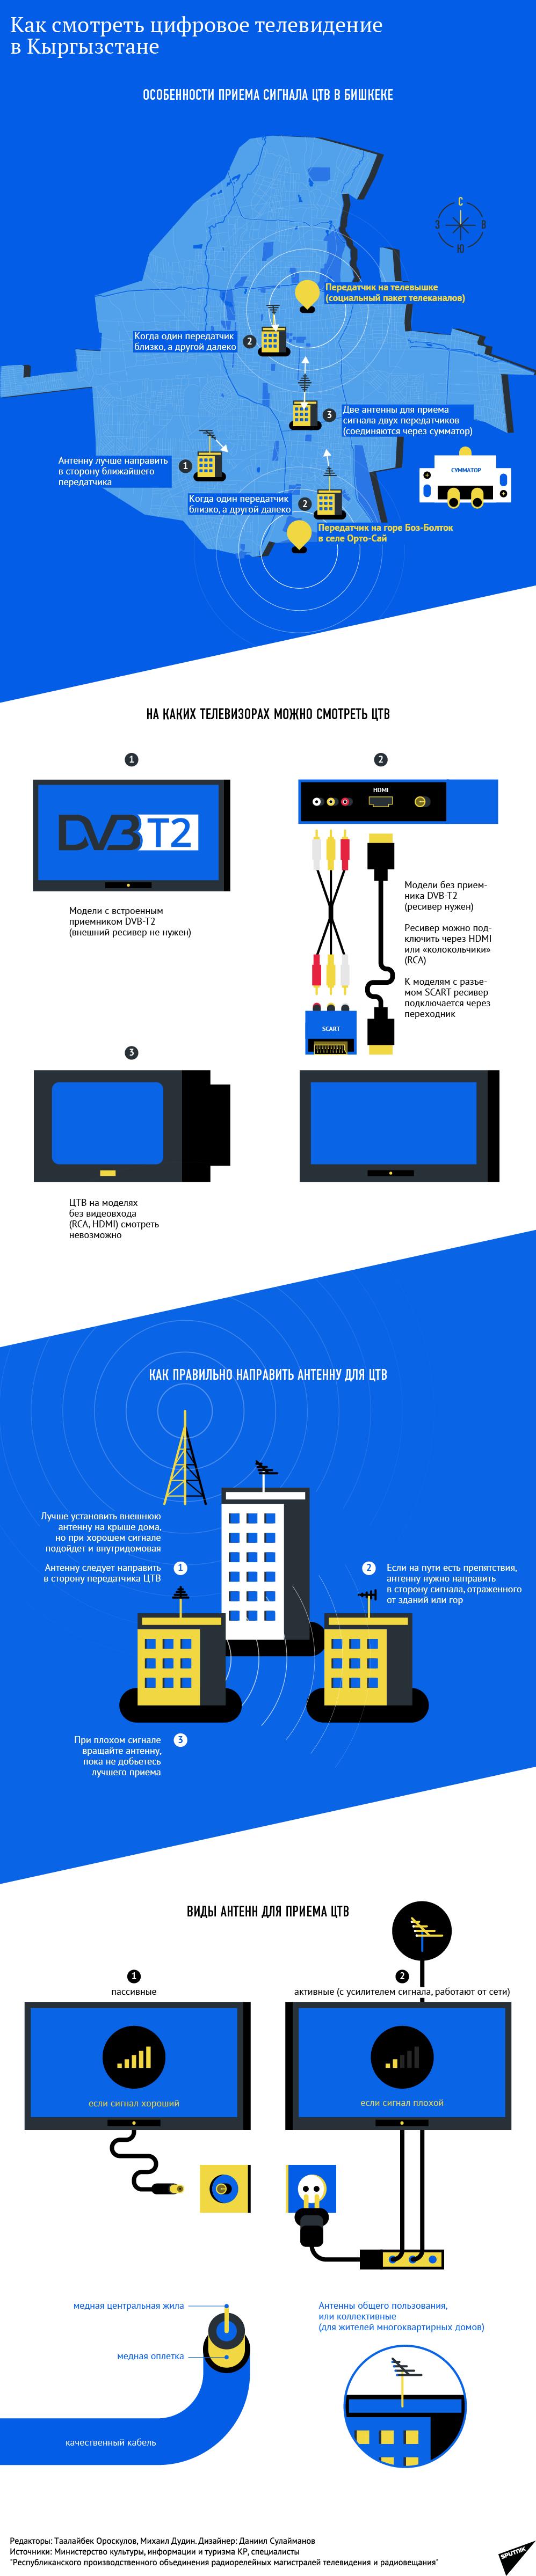 Как смотреть цифровое телевидение в Кыргызстане